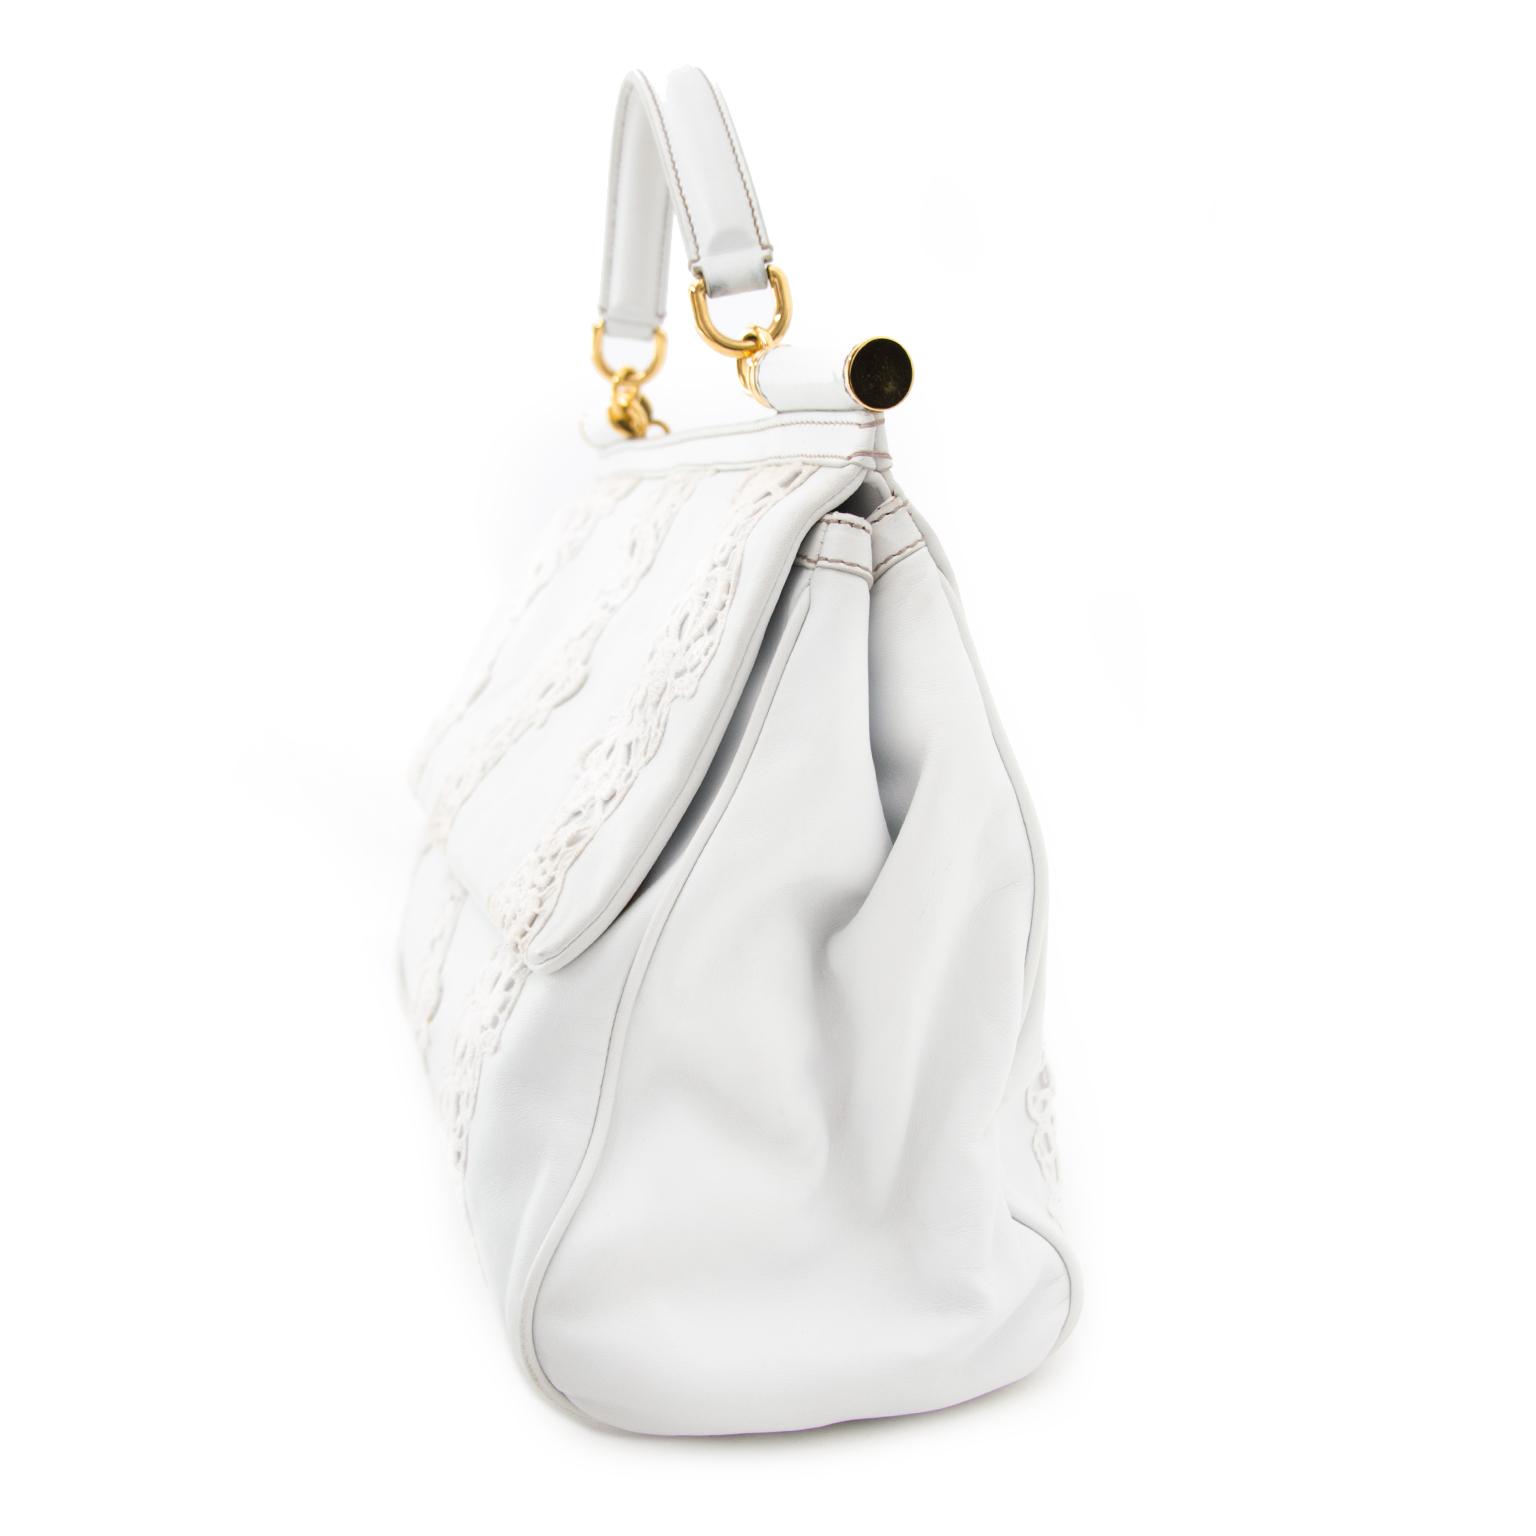 Koop nu een authentieke tweedehands Dolce & Gabbana Sicily tas op www.labellov.com aan de beste prijs in 2017